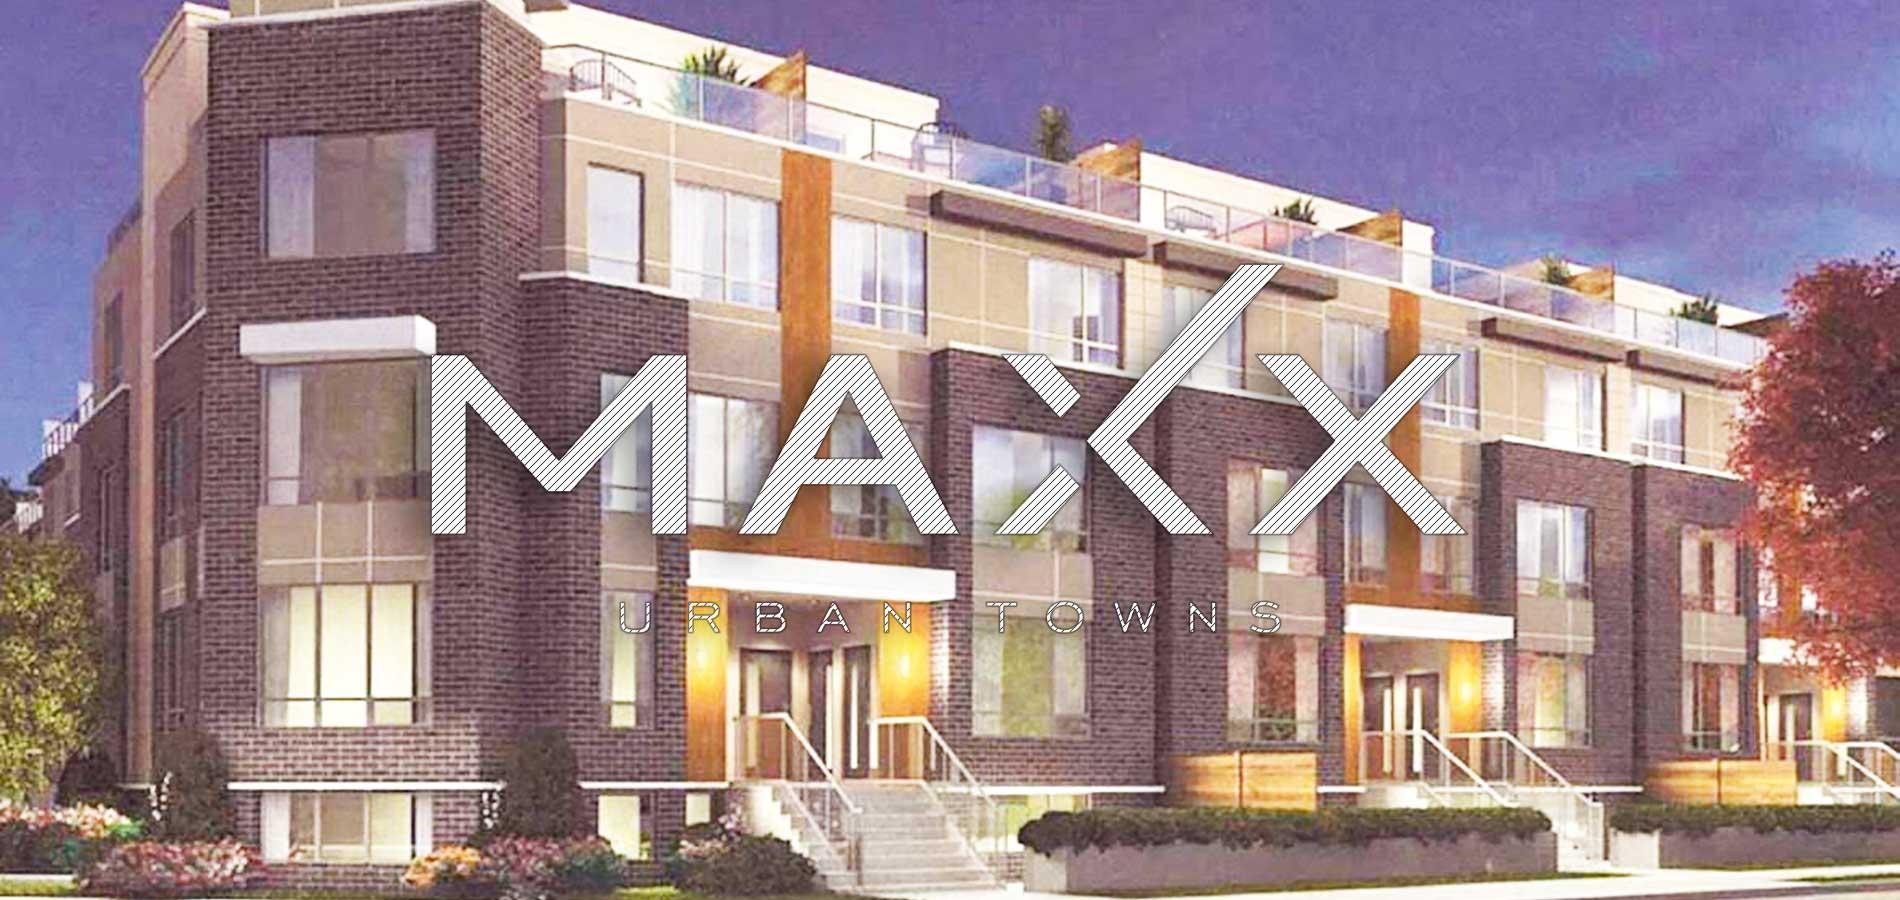 b9a73-maxx-urban-towns-pickering.jpg